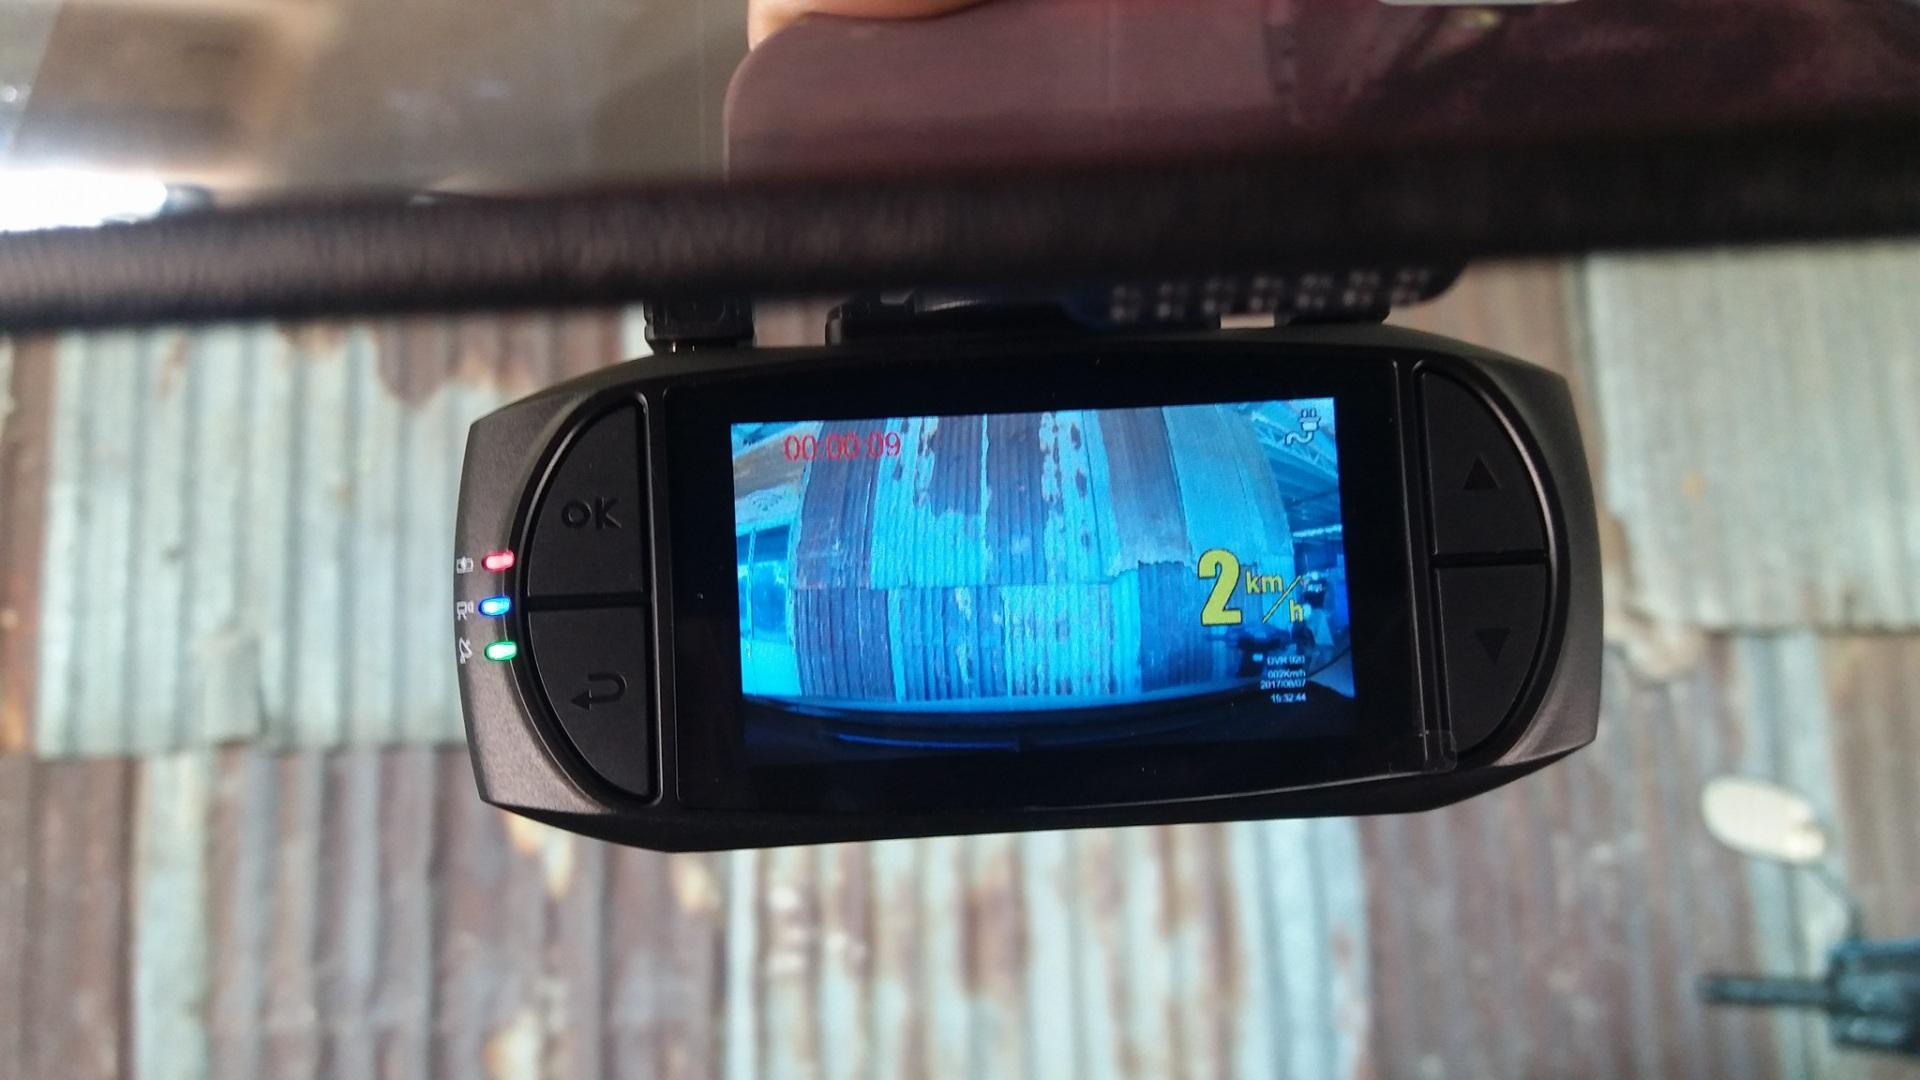 vntis - Camera hành trình DVR920 GPS - 3